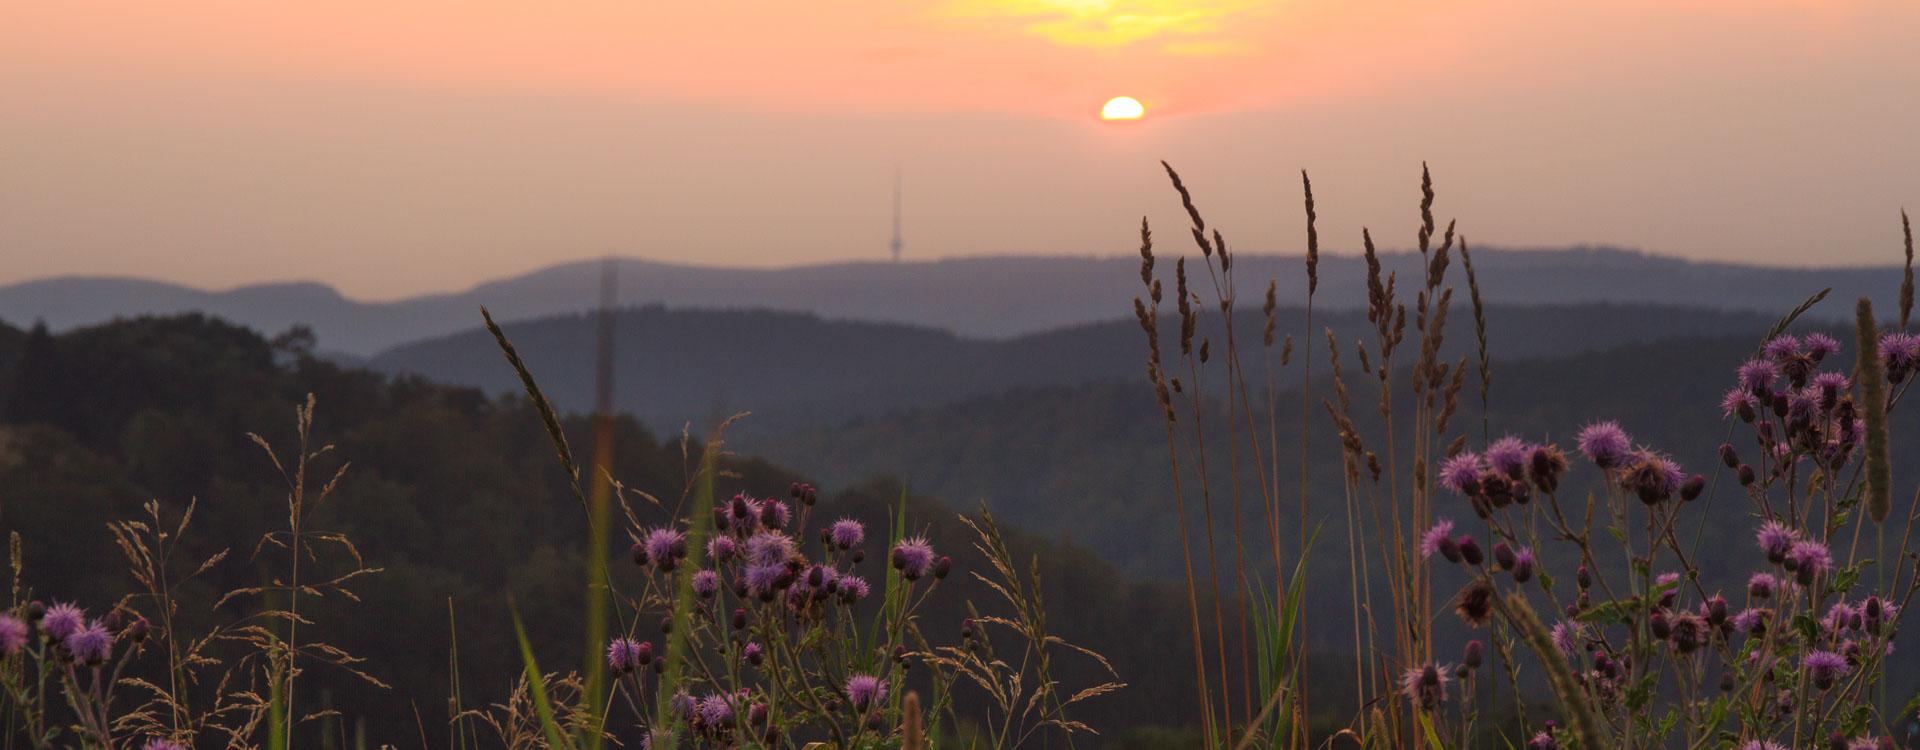 Sonnenuntergang in Altastenberg